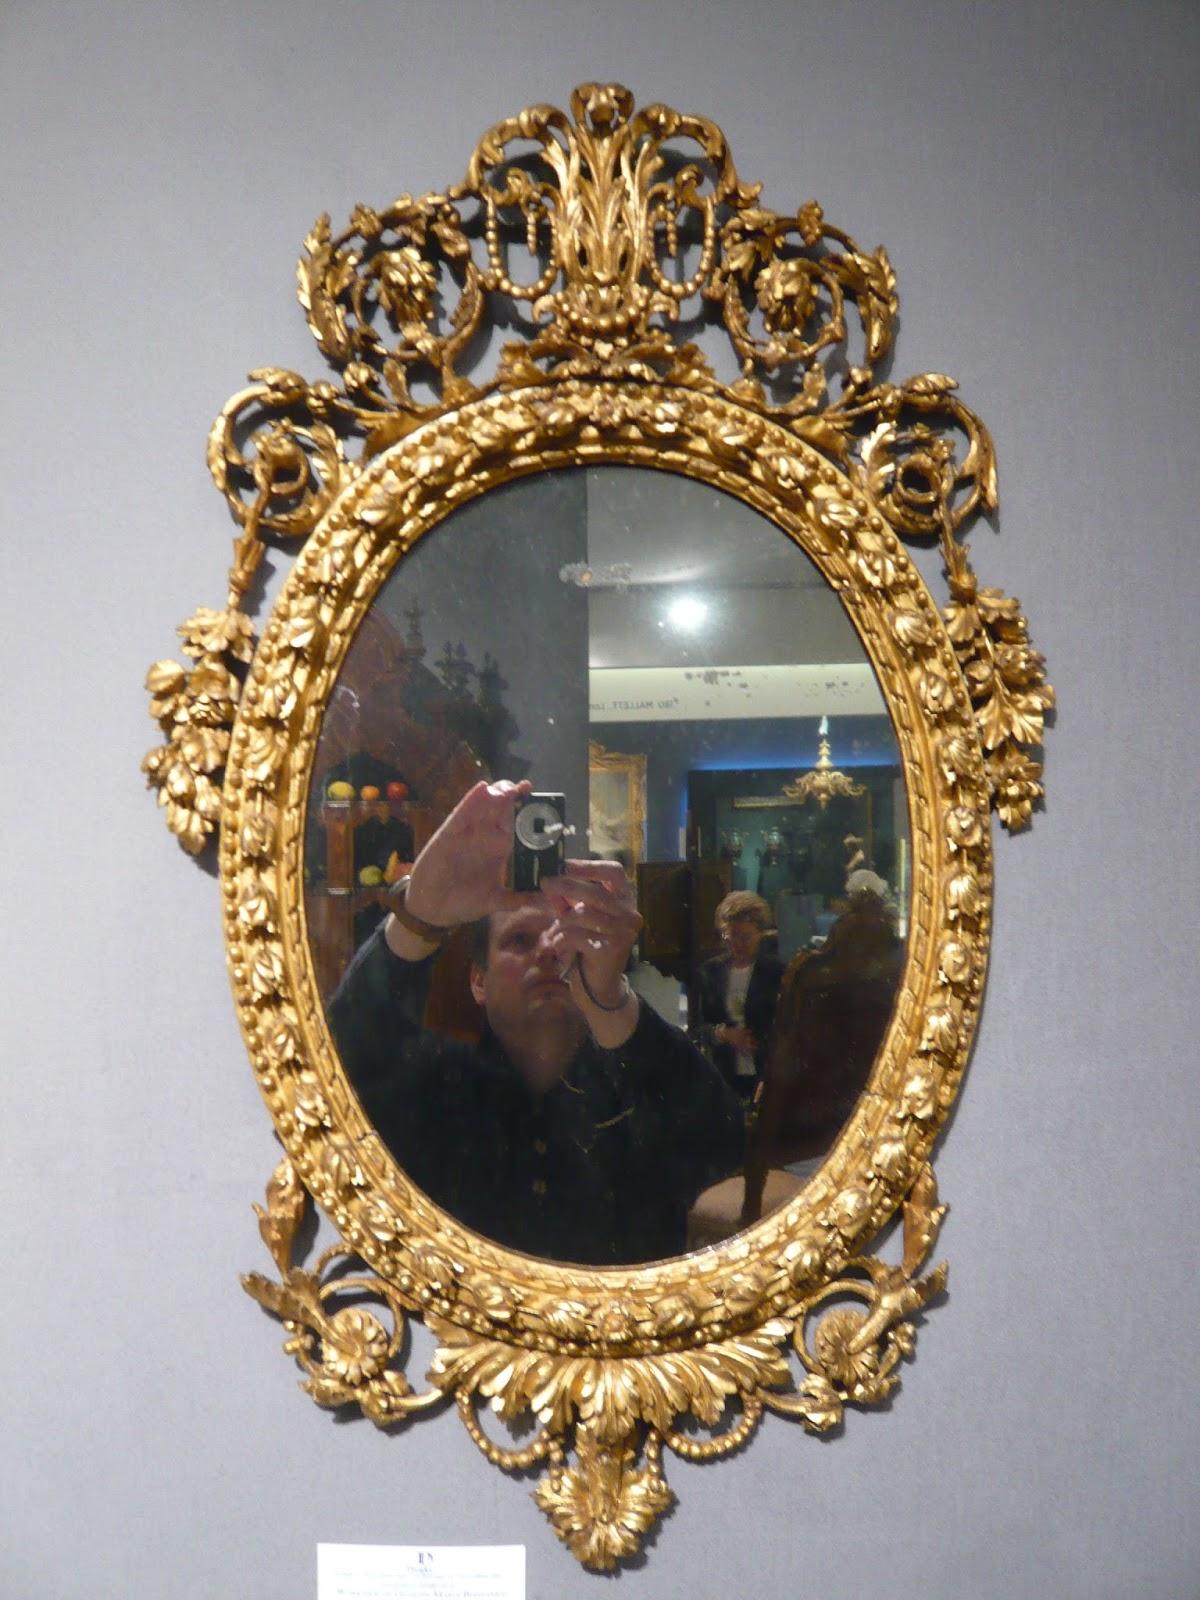 sculpture ornementale patrick damiaens cadres de miroirs sculpt s l 39 histoire des cadres de. Black Bedroom Furniture Sets. Home Design Ideas